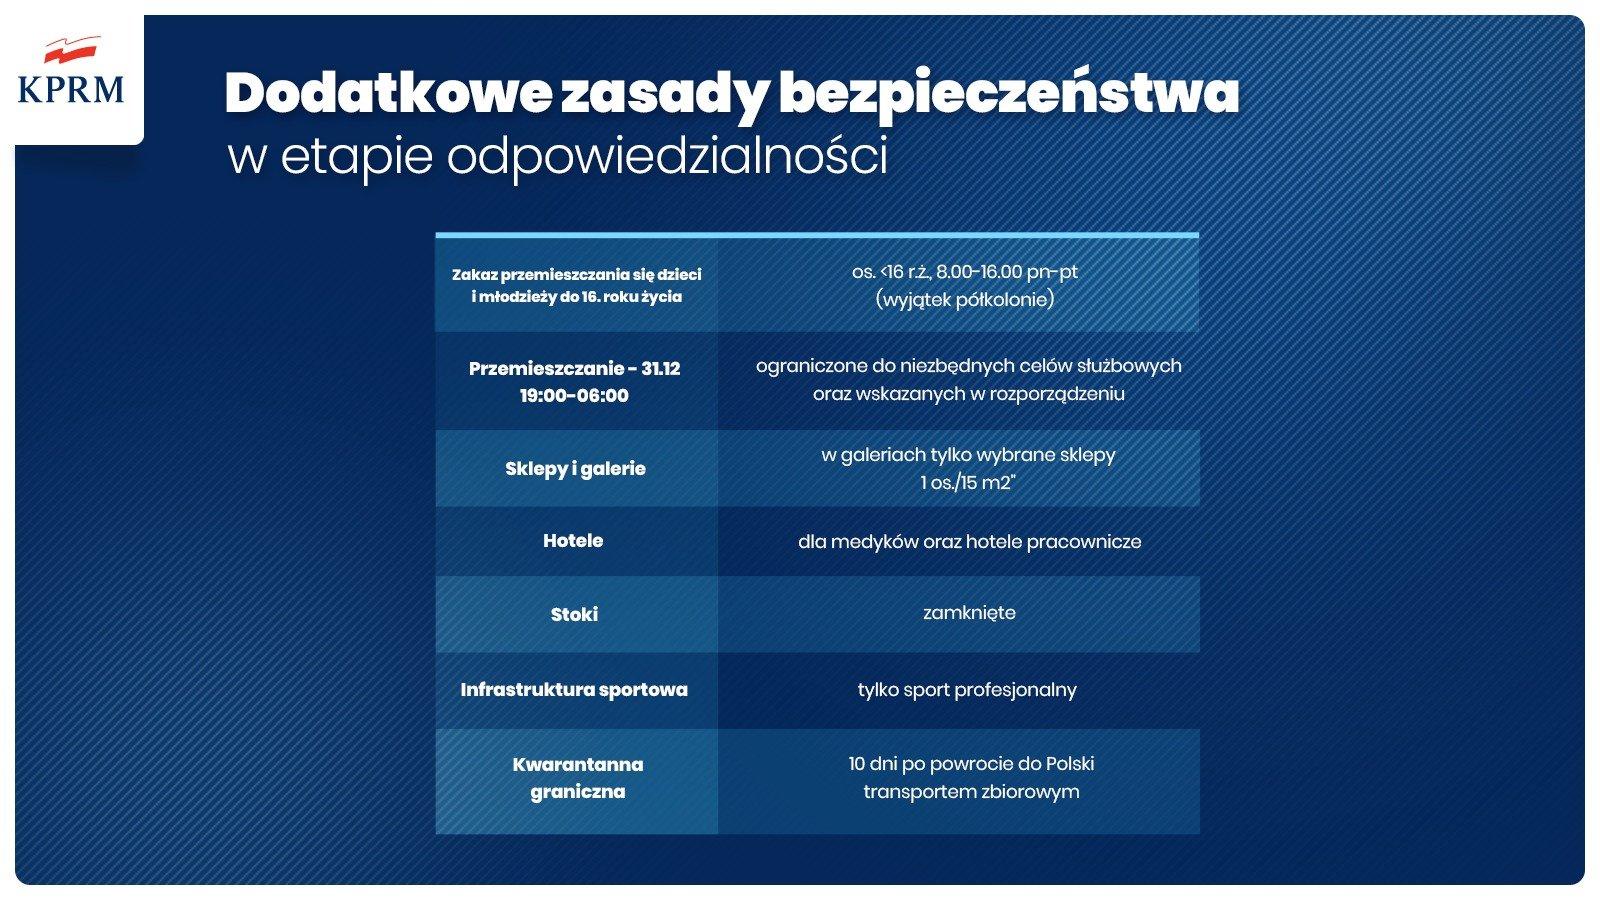 Dodatkowe zasady bezpieczeństwa (Fot. KPRM)